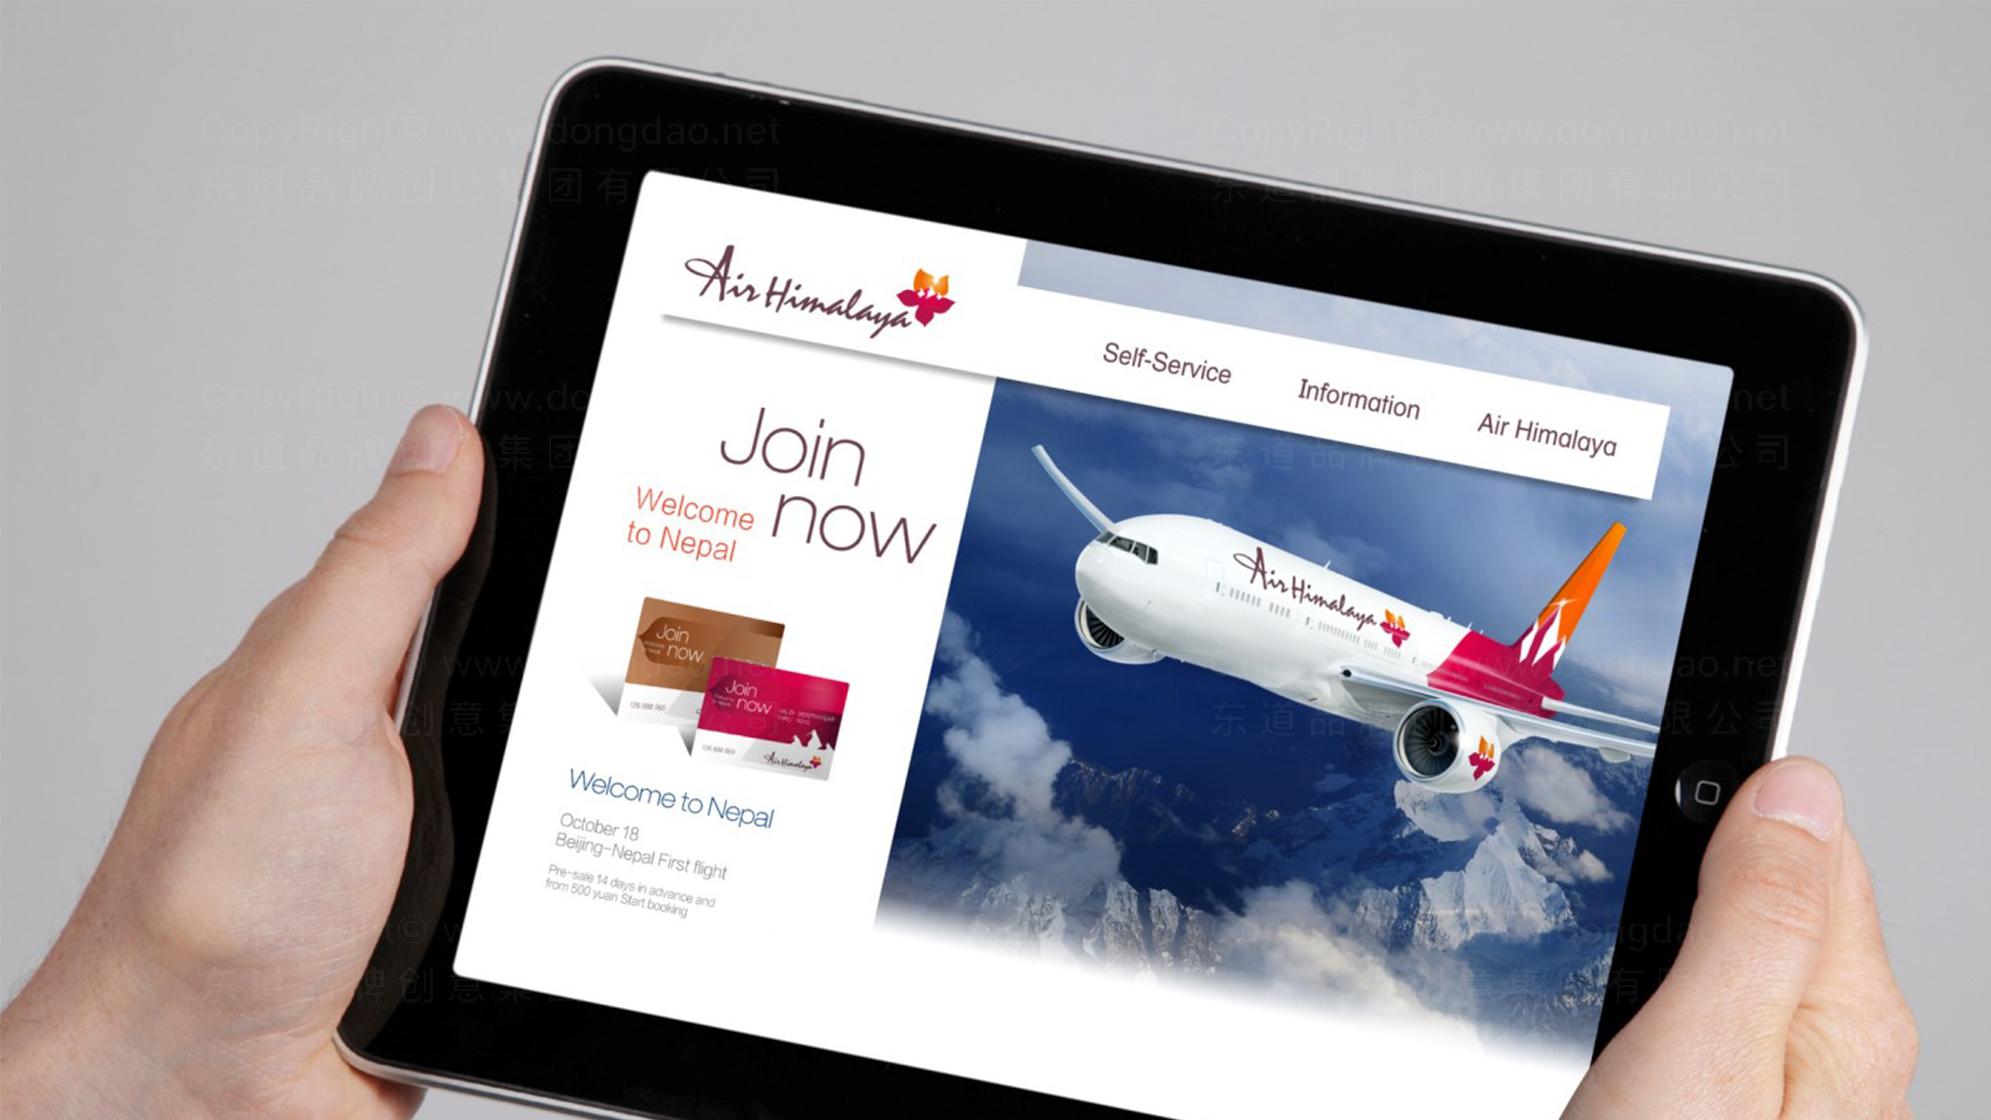 品牌设计喜马拉雅航空设计方案应用场景_1